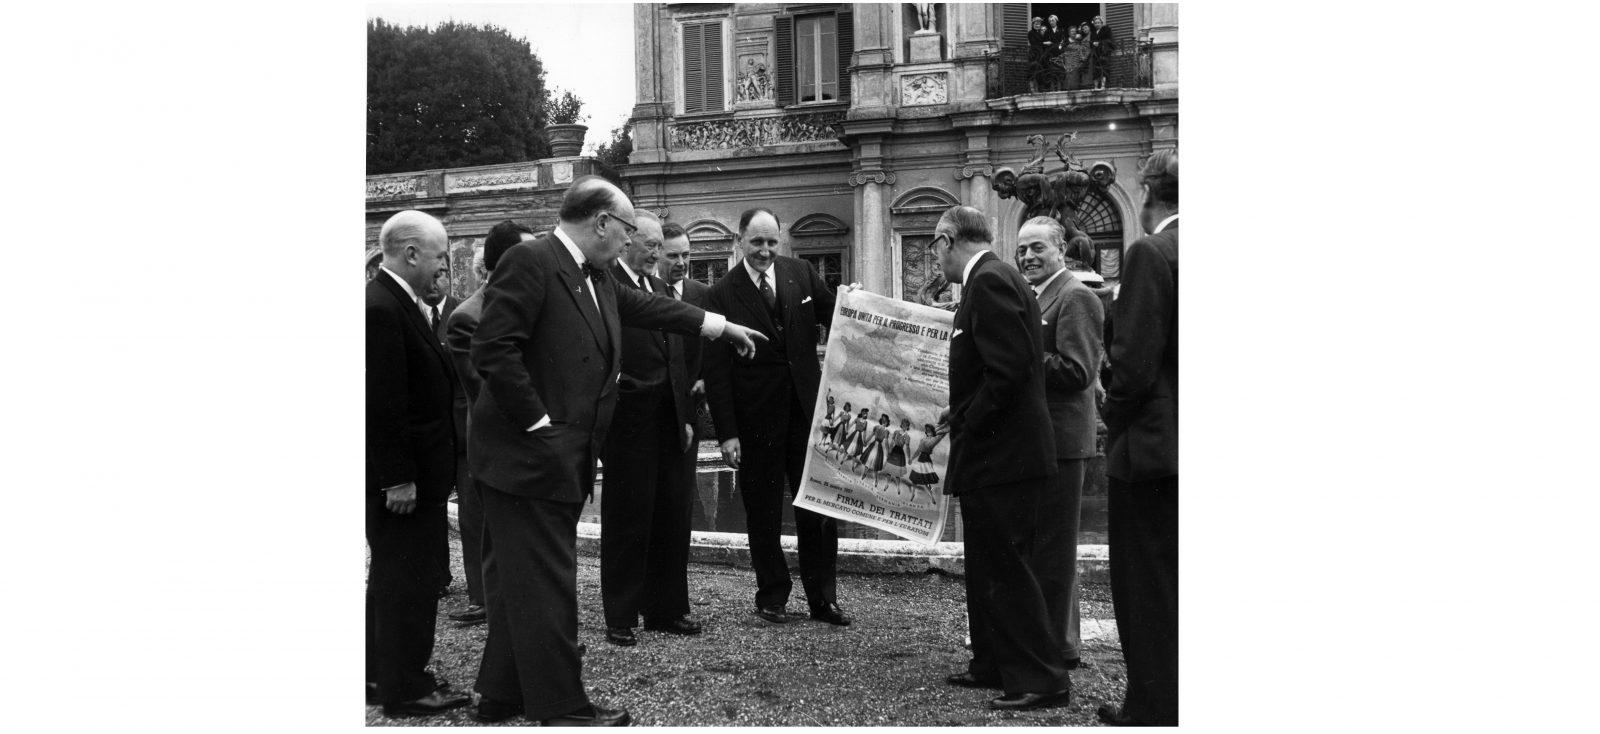 Uniunea Europeană la 60 de ani. De la Roma la Roma: între solidaritate și divizare